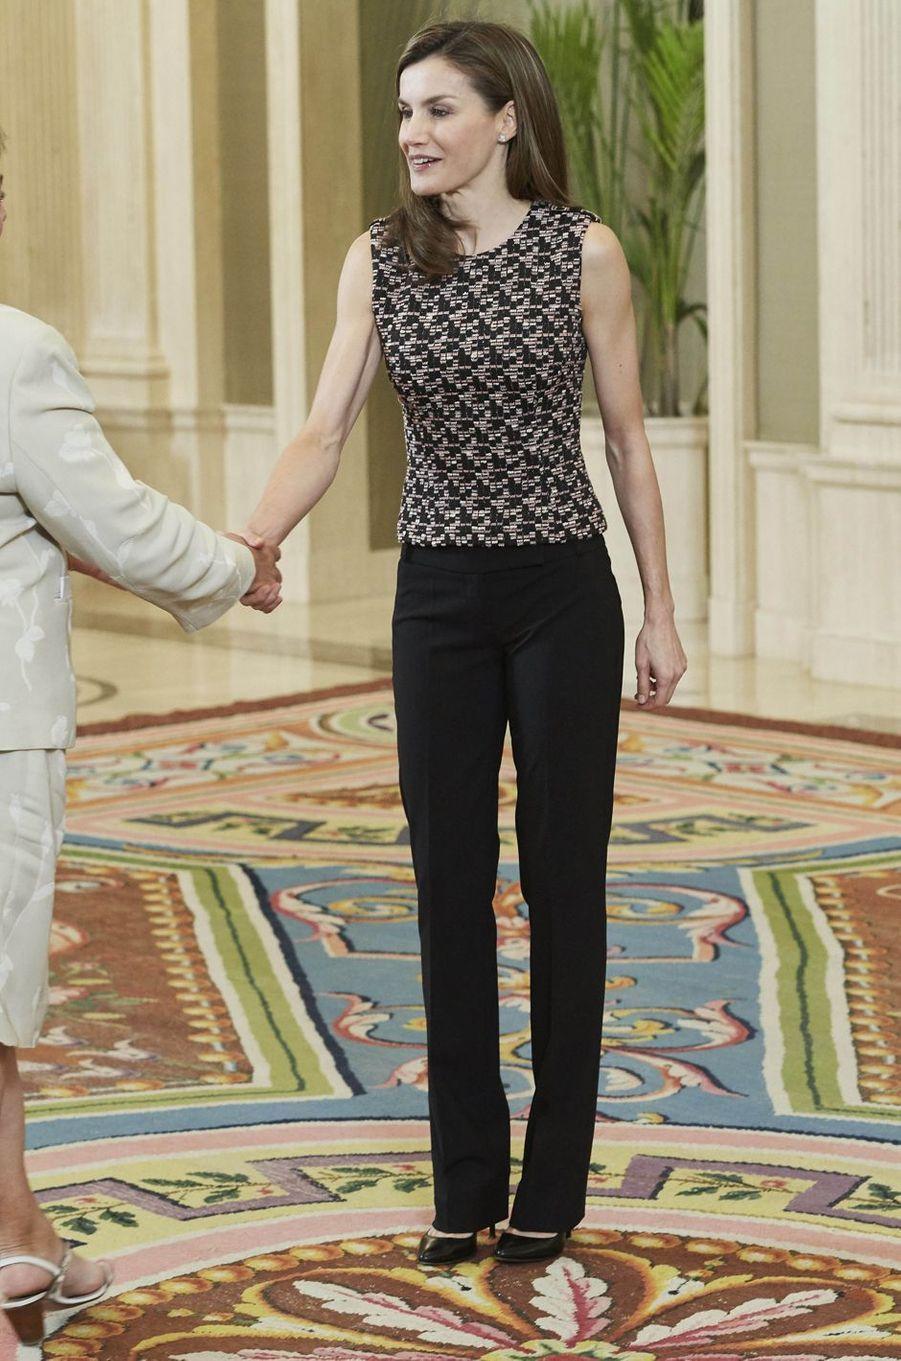 La reine Letizia d'Espagne à Madrid, le 8 juin 2017